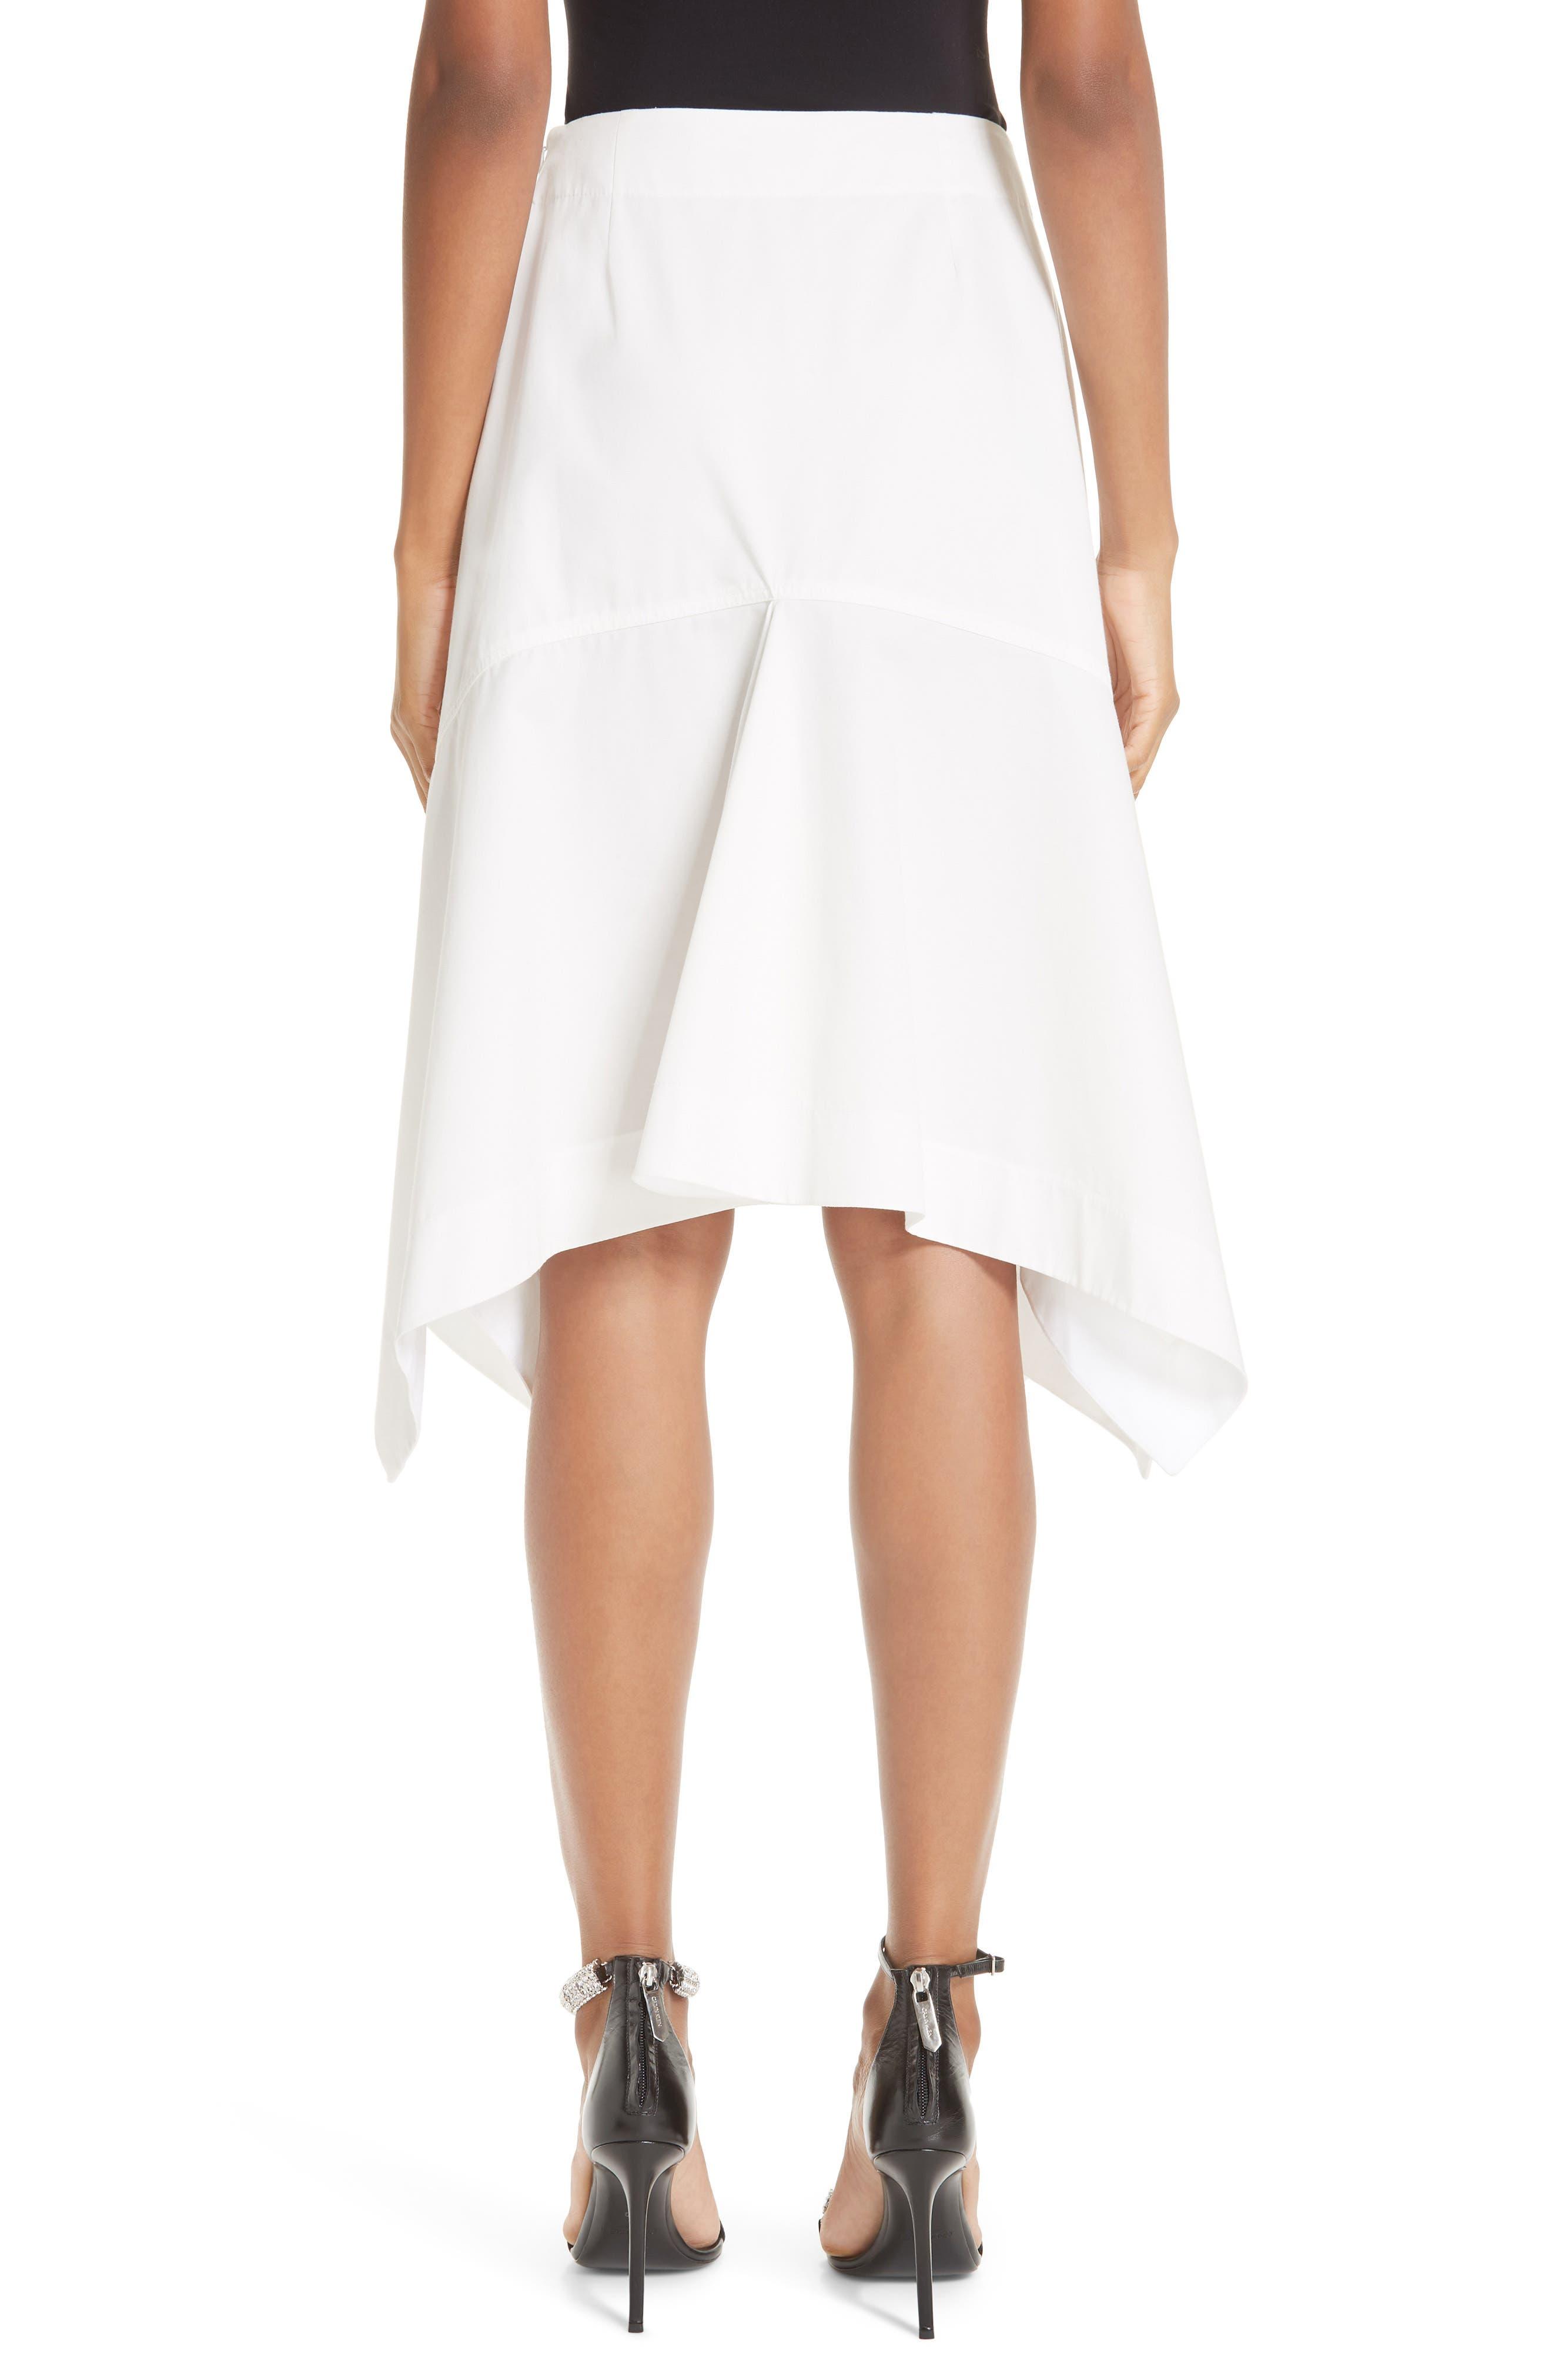 CALVIN KLEIN 205W39NYC, Sharkbite Hem Cotton Gabardine Skirt, Alternate thumbnail 2, color, WHITE